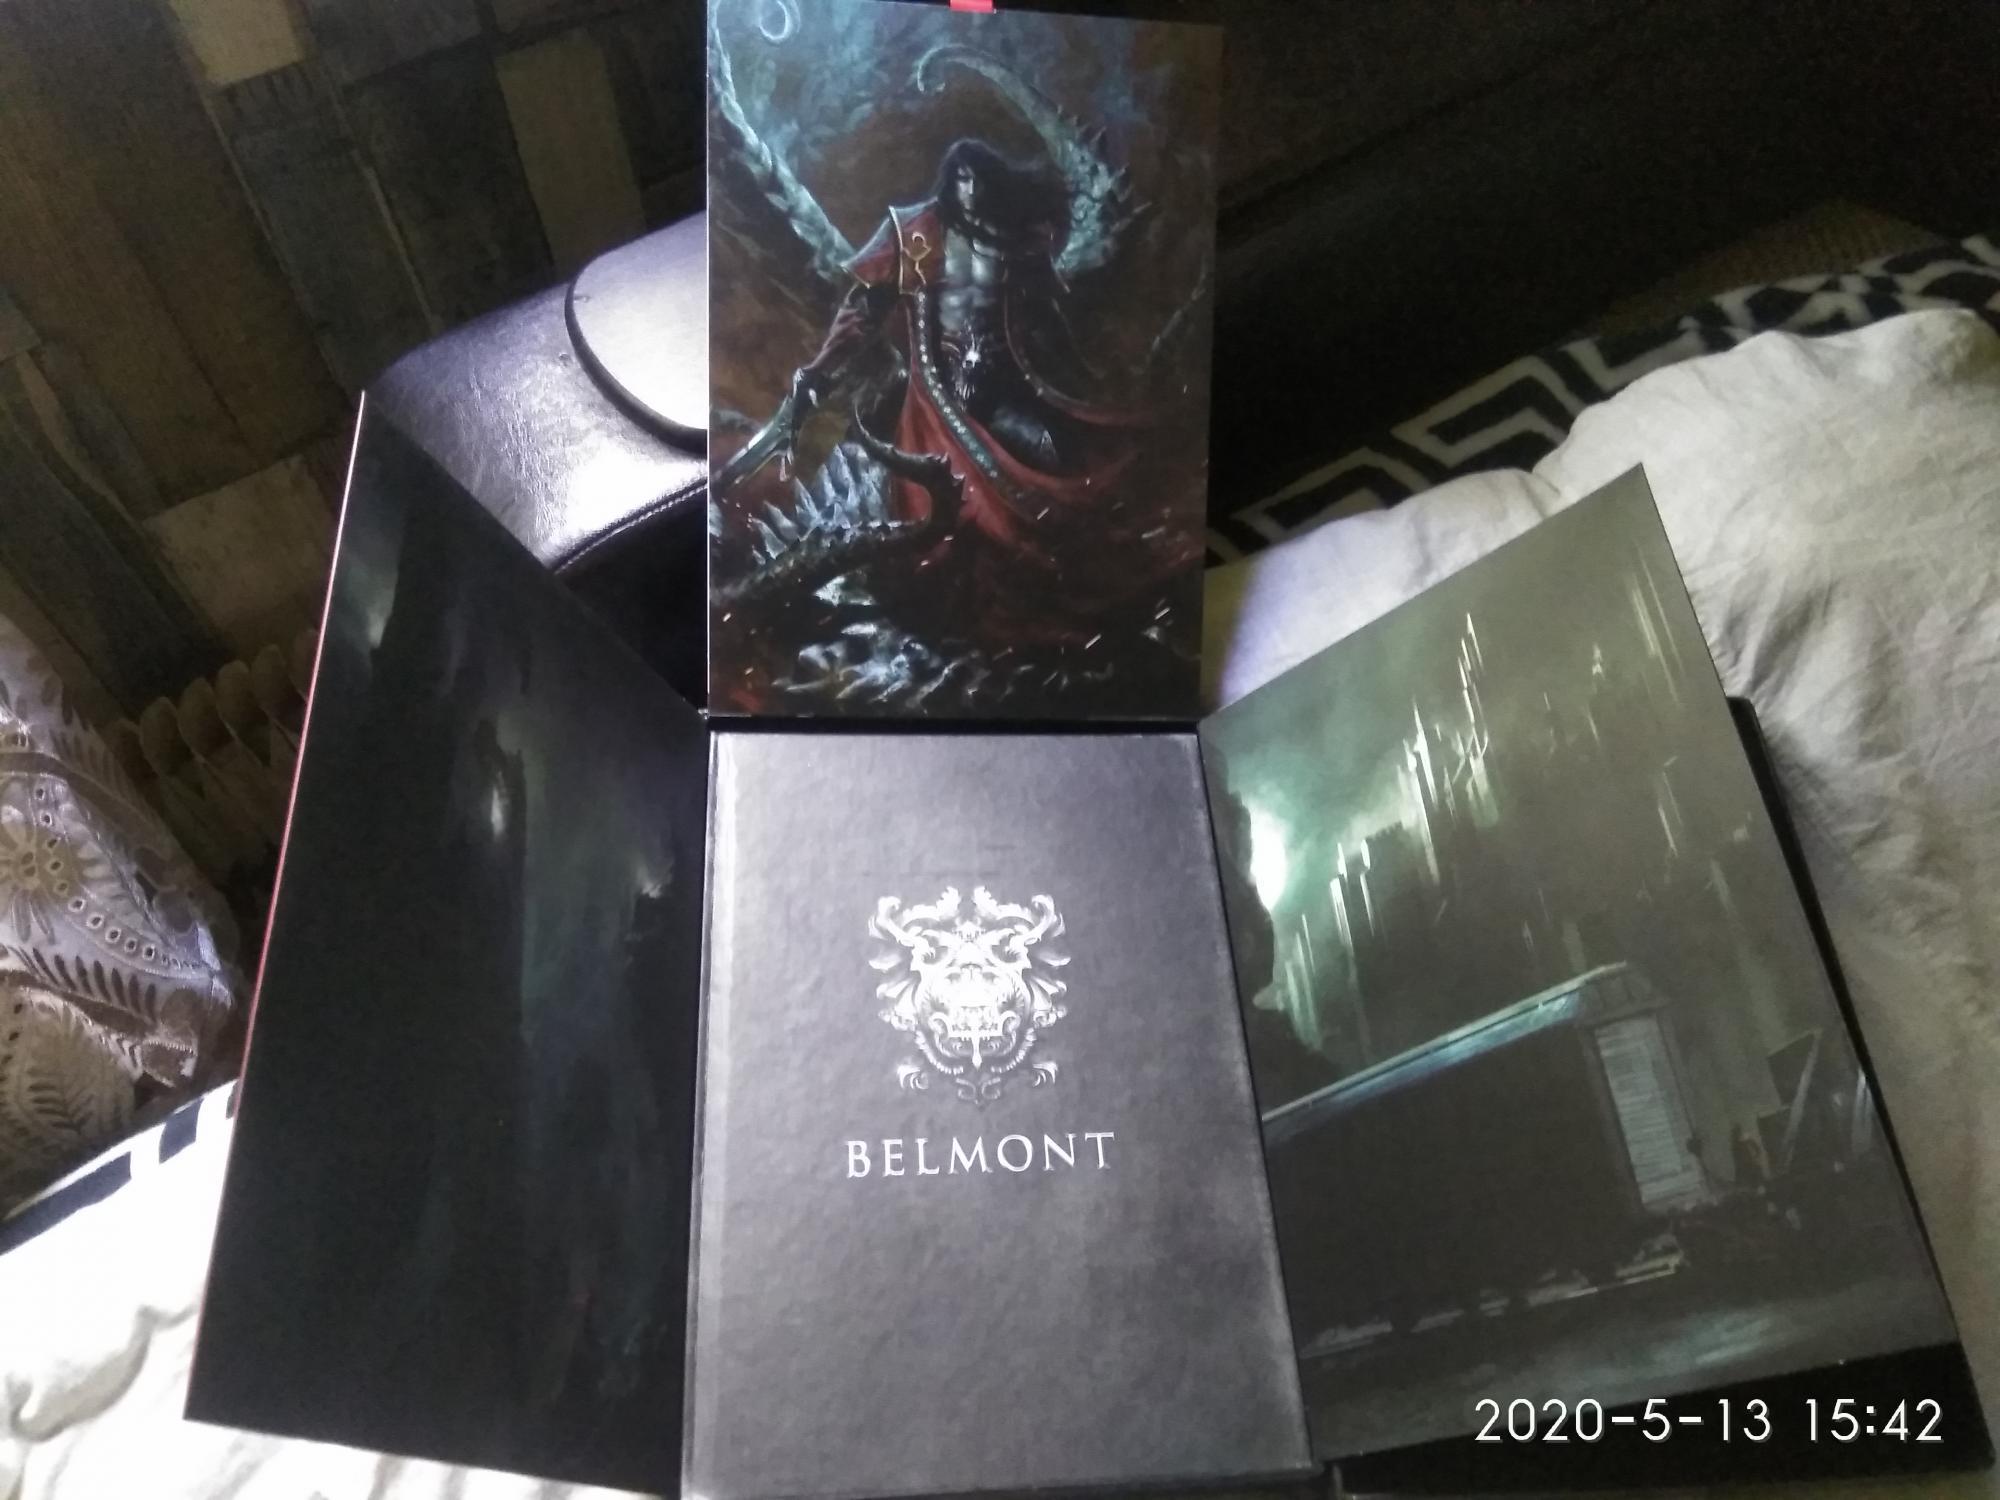 Castlevania Lord of Shadow 2 Limited Edition Belmo в Москве 89067989906 купить 4